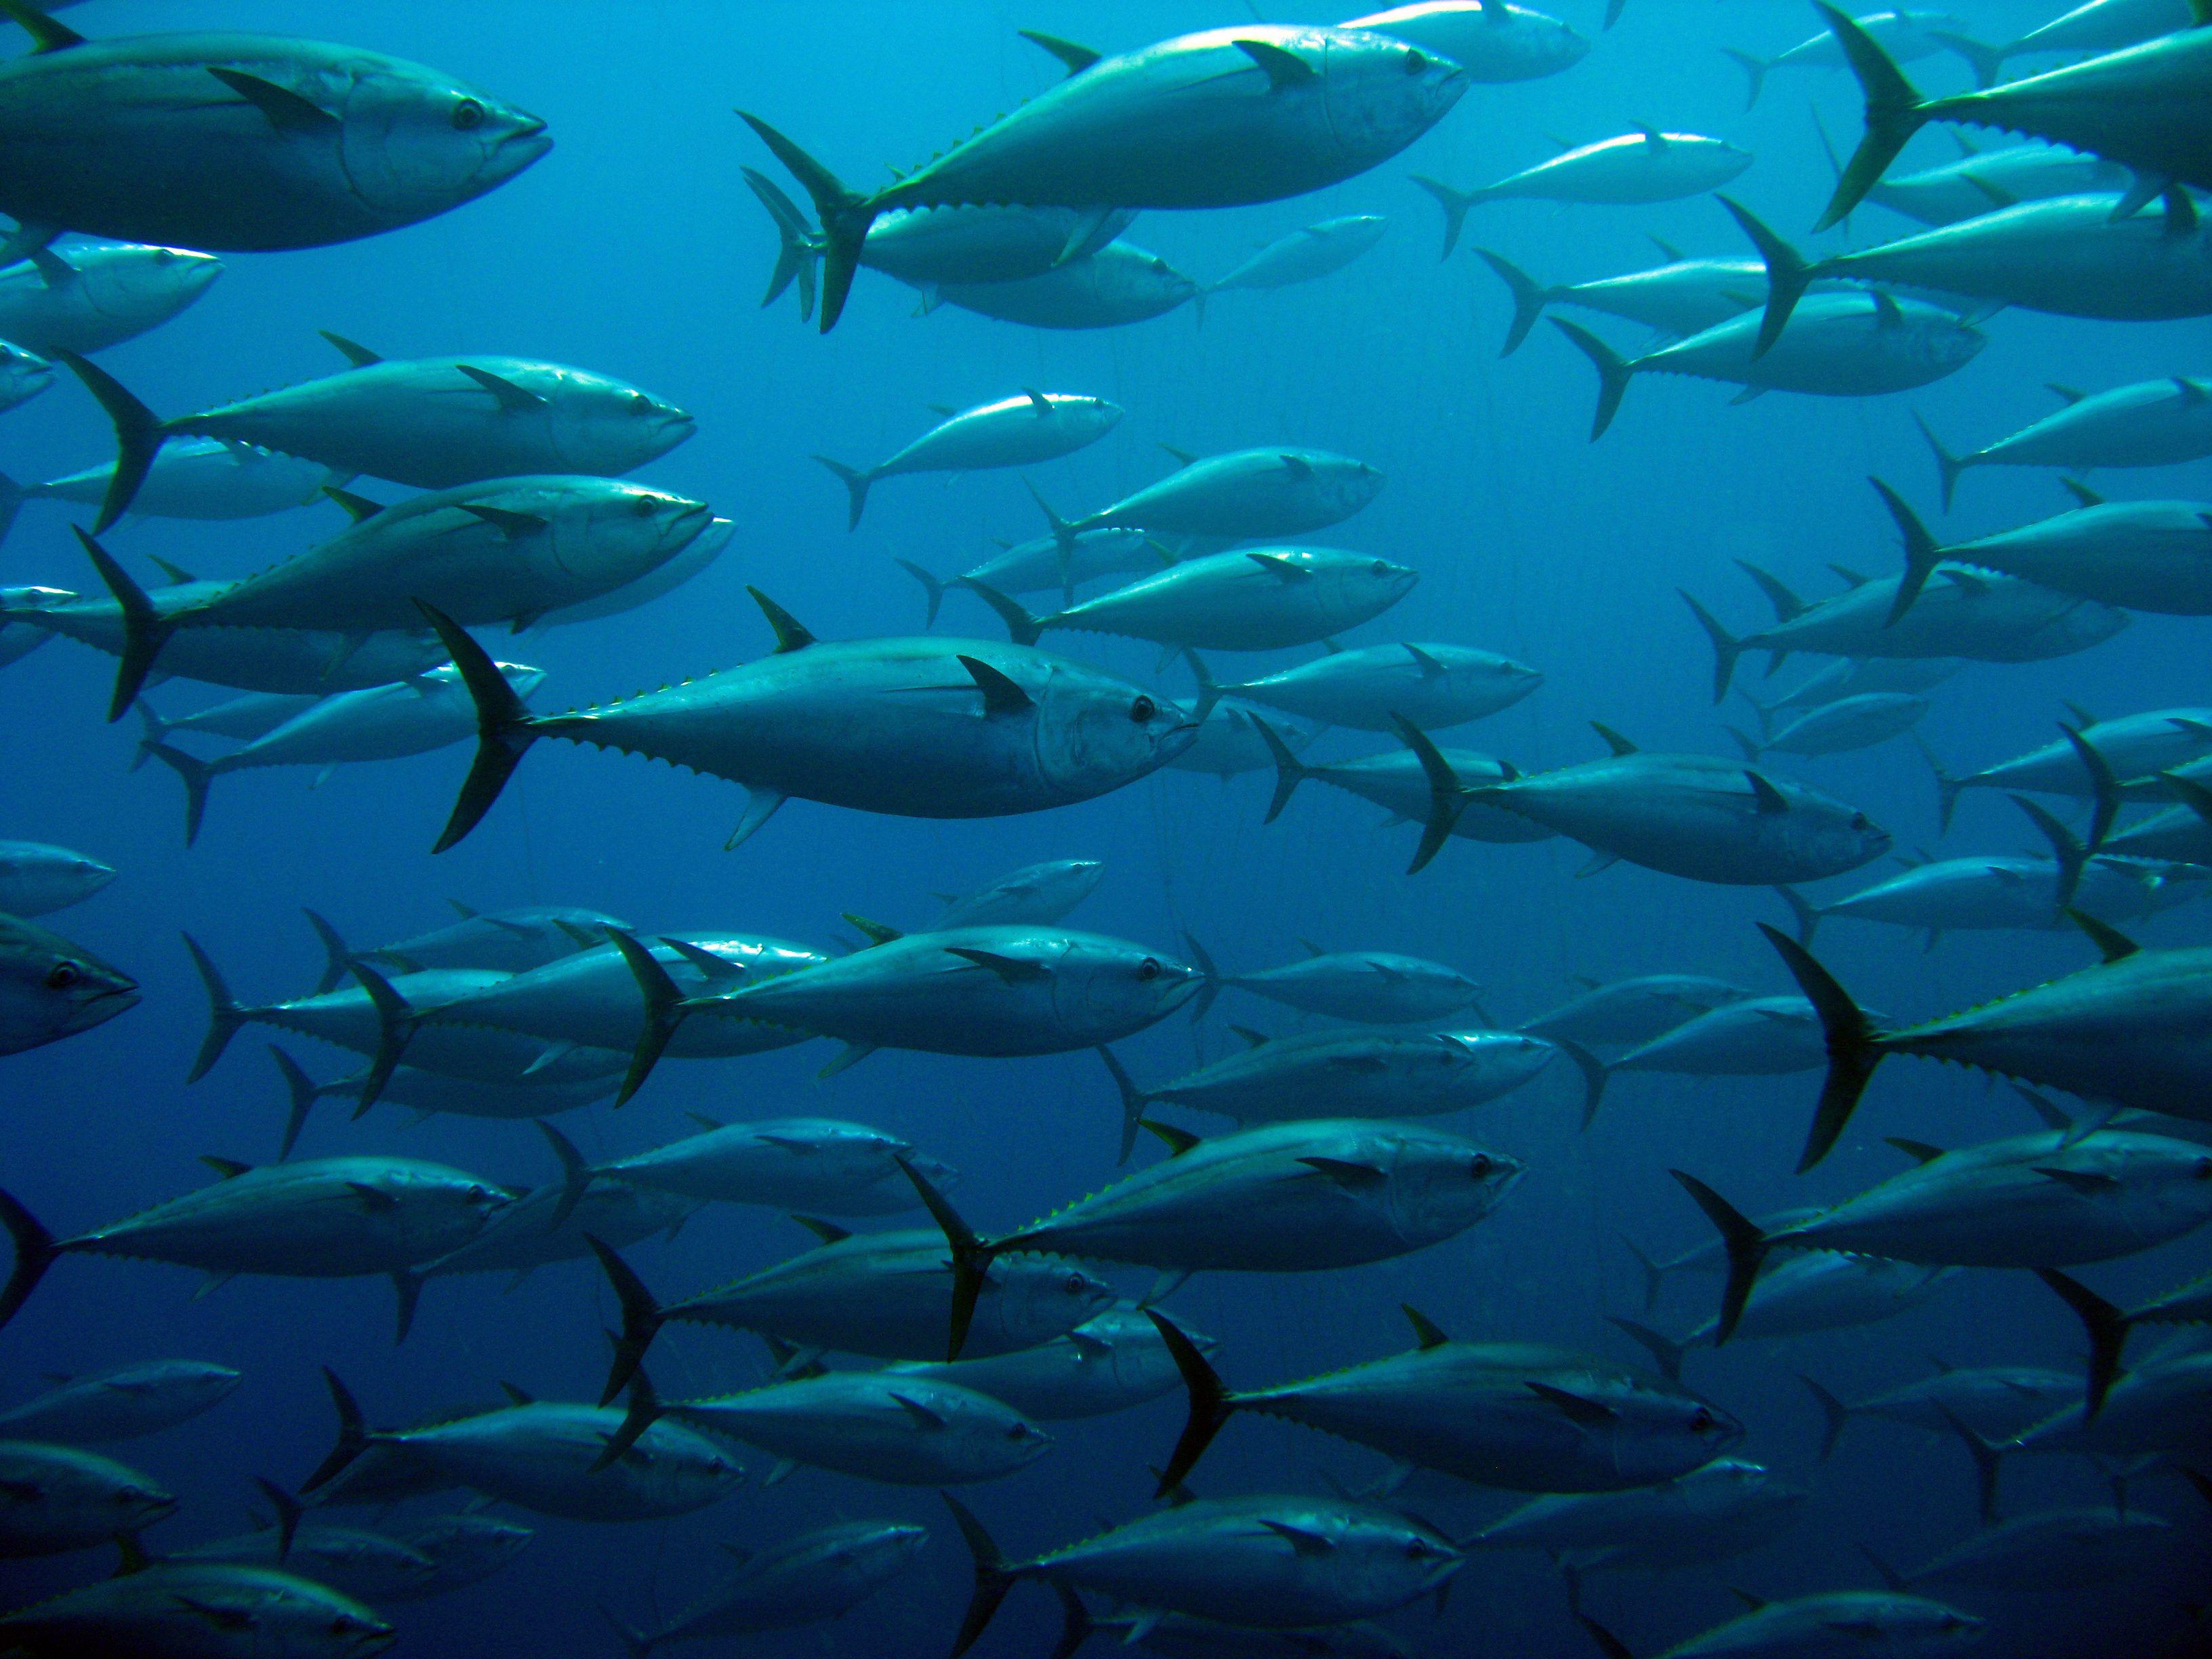 Prueba nuestro atún recién pescado